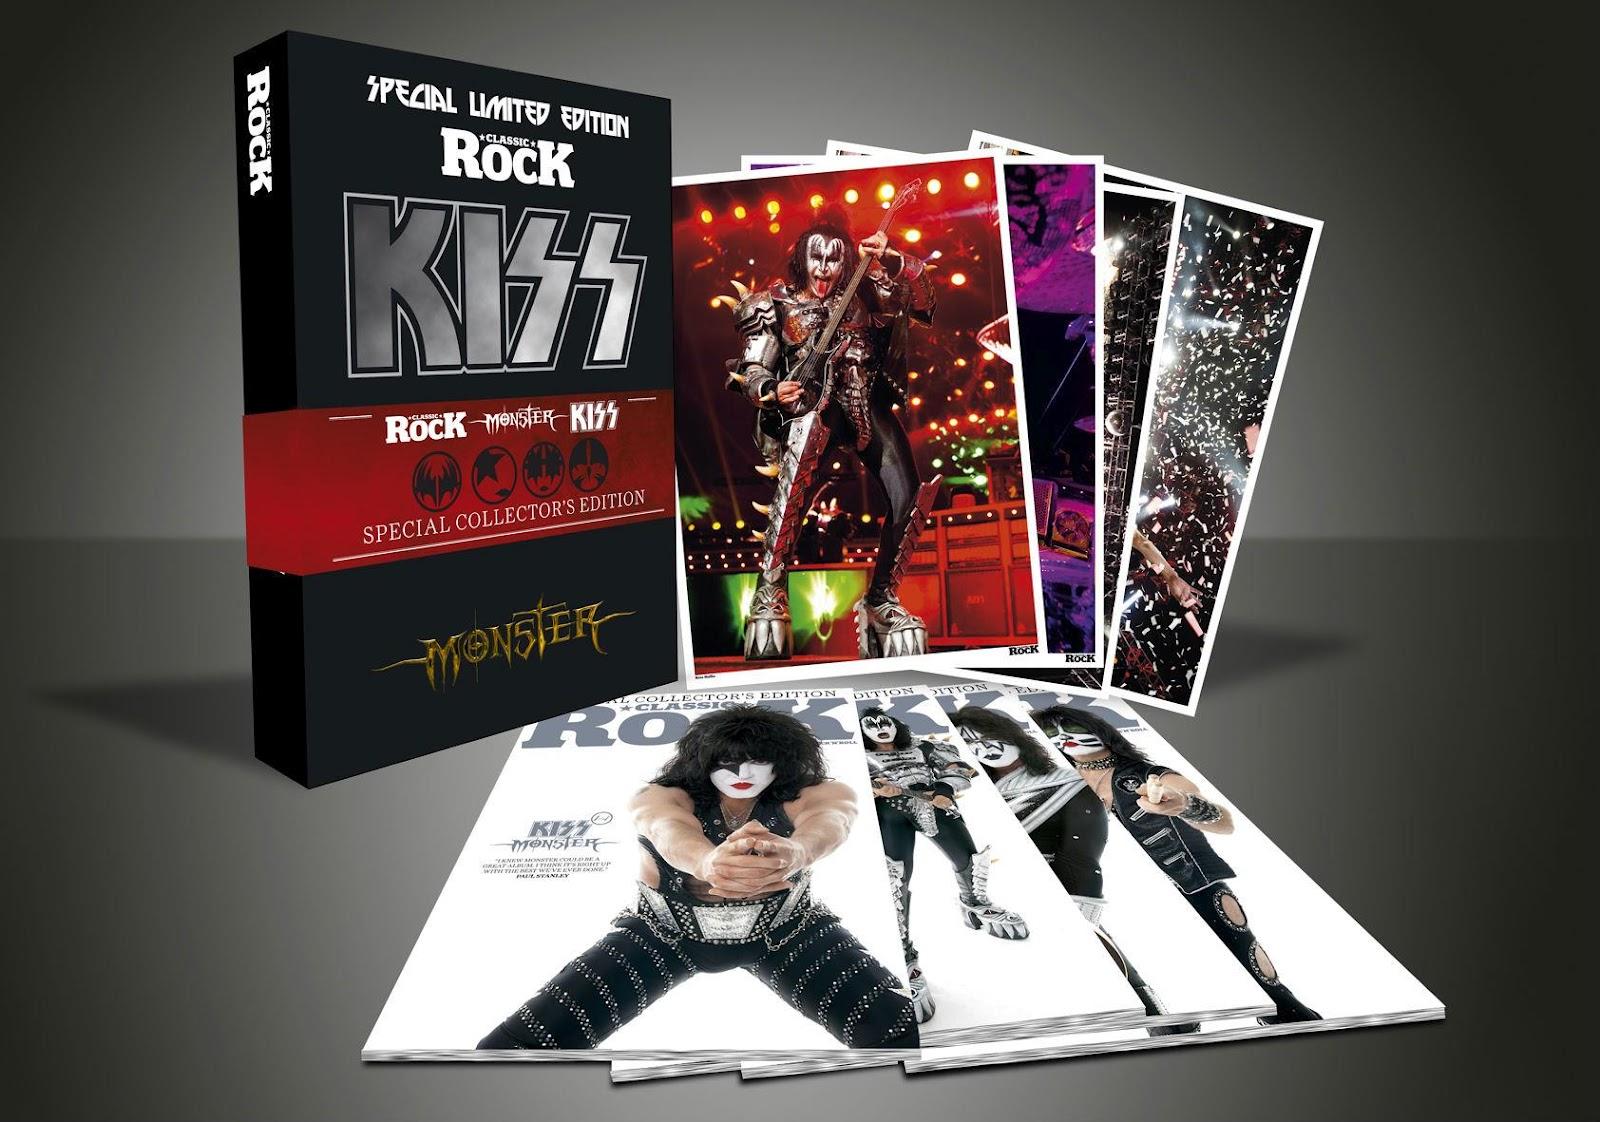 Novo disco do Kiss ganha edição especial